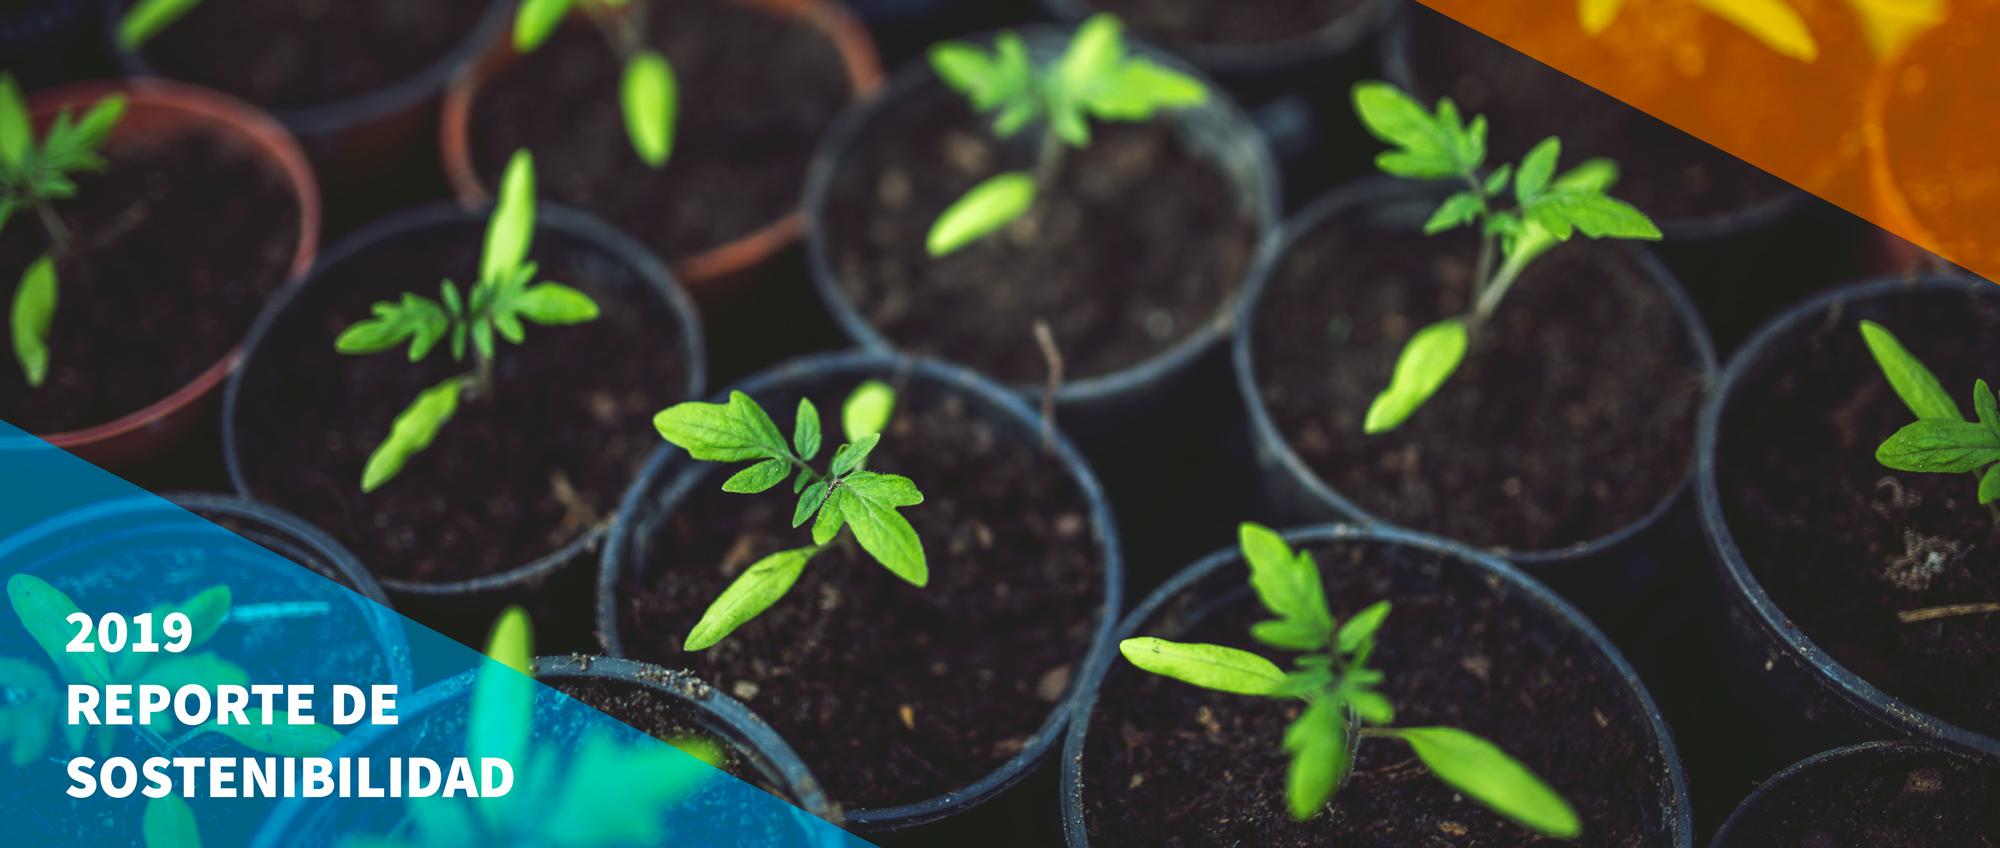 Informe de sostenibilidad